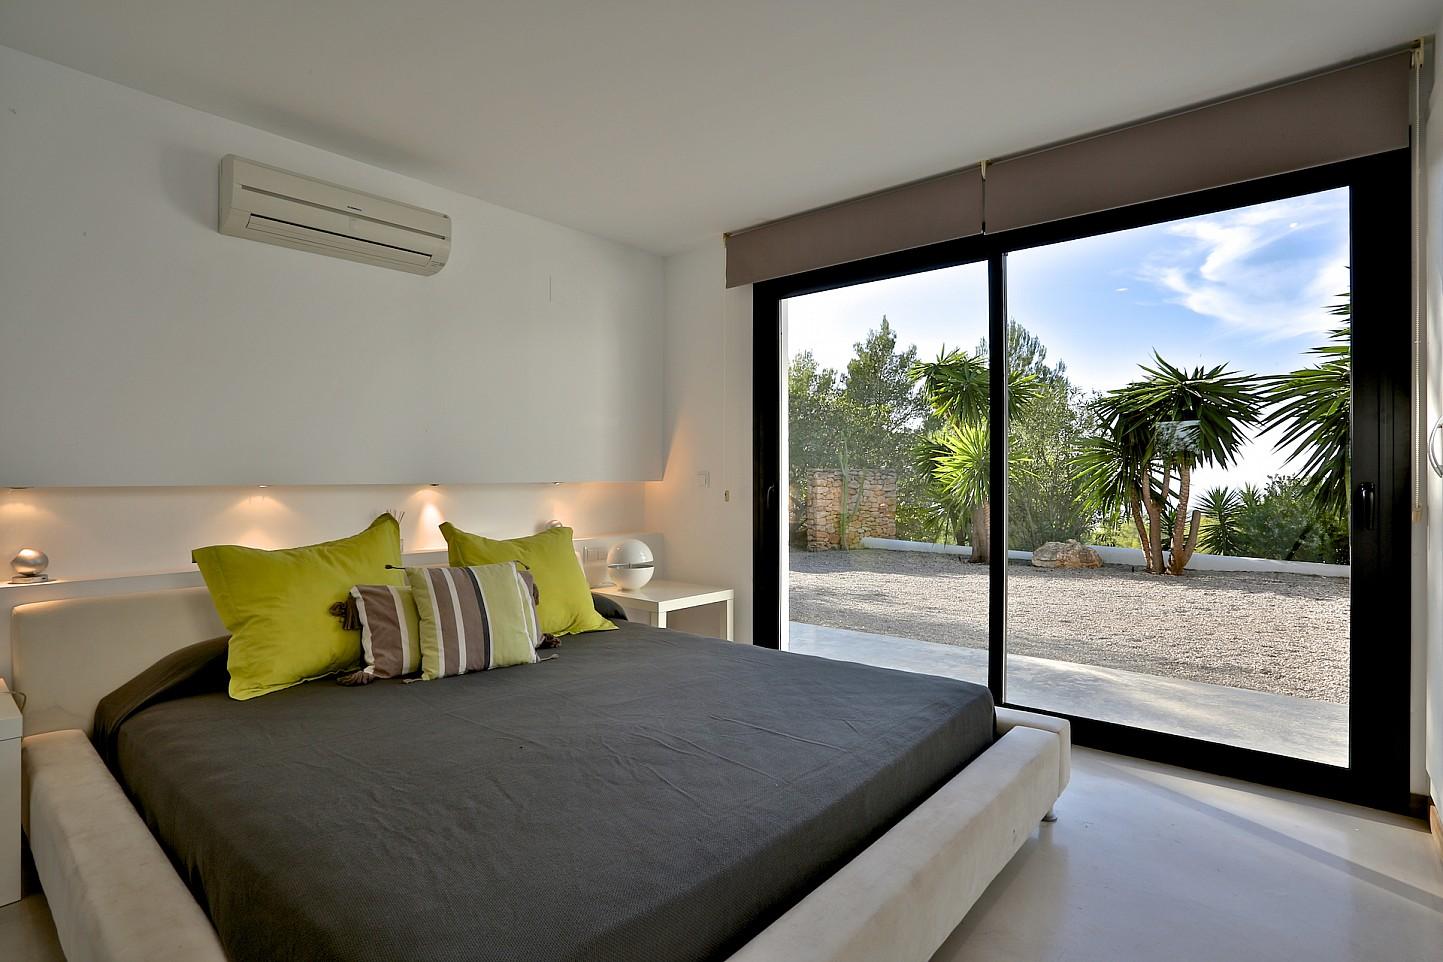 Dormitorio 4 con acceso al exterior